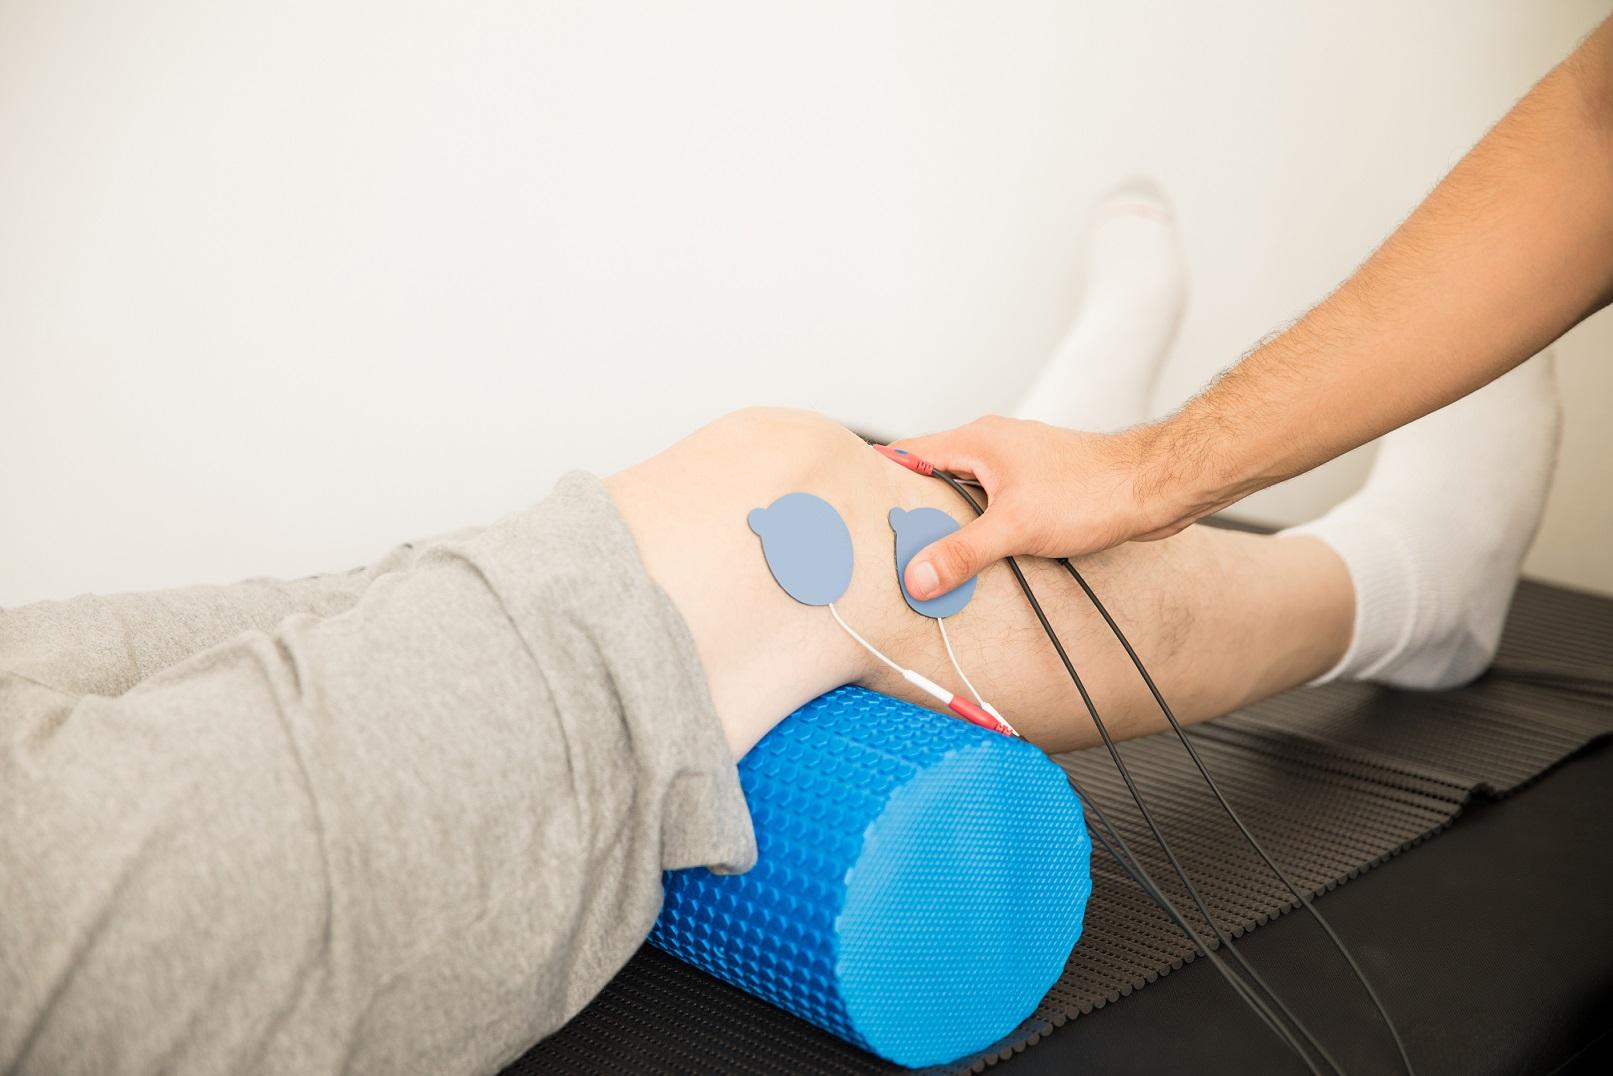 Eletroestimulação: o tratamento que utiliza eletricidade para curar lesões - Foto: AdobeStock